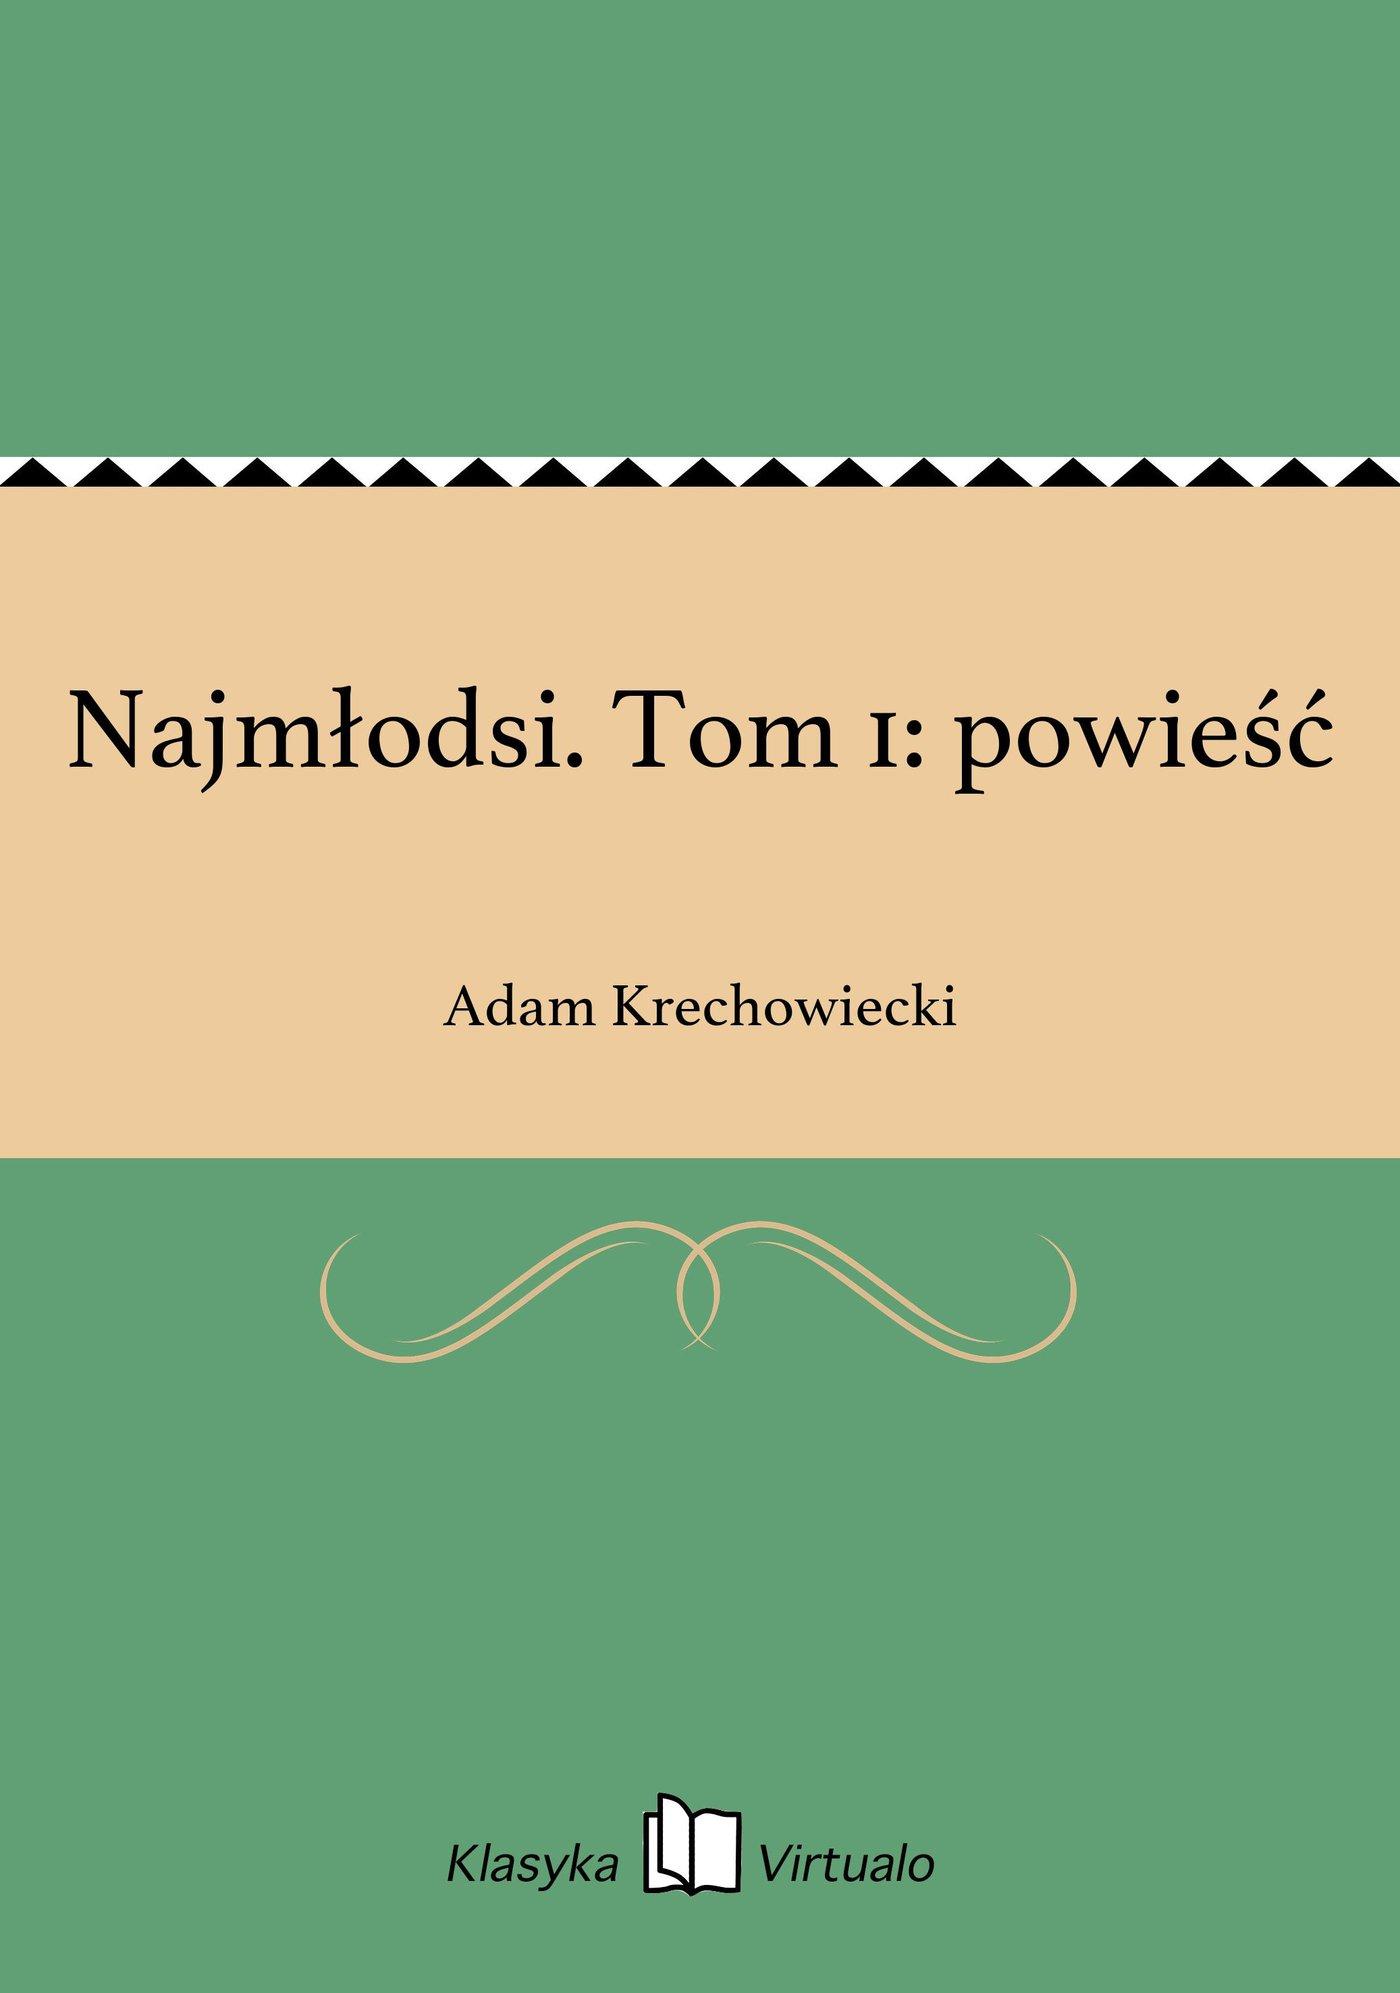 Najmłodsi. Tom 1: powieść - Ebook (Książka EPUB) do pobrania w formacie EPUB